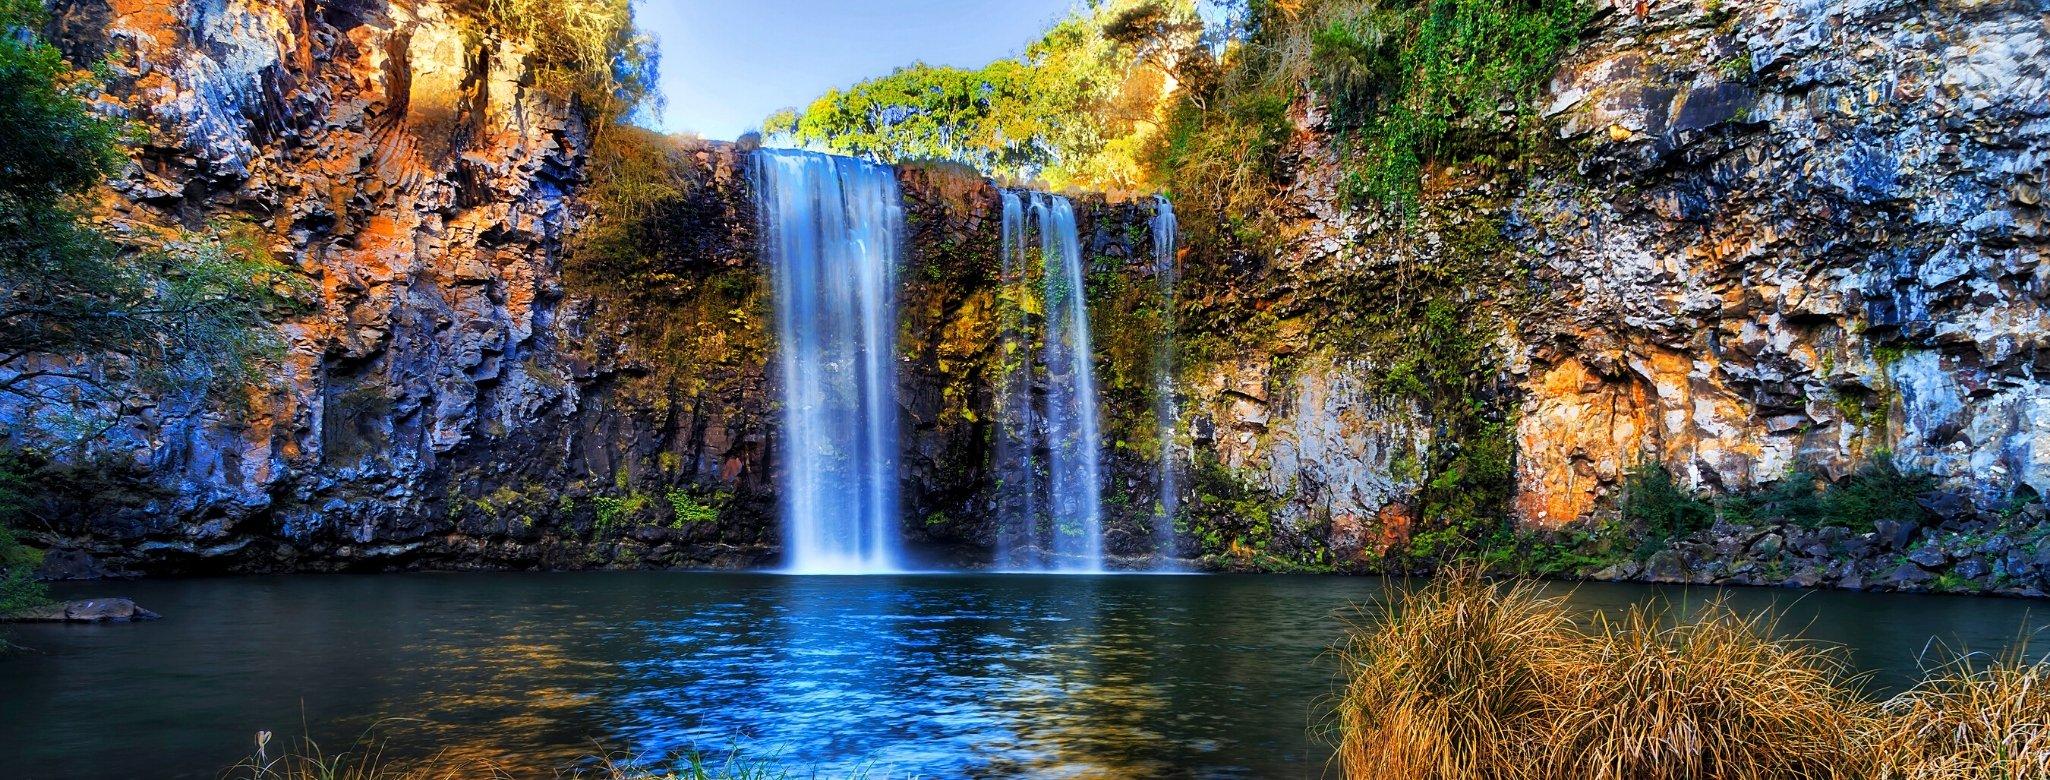 Dangar Falls, Dorrigo, Bellingen Shire, New South Wales